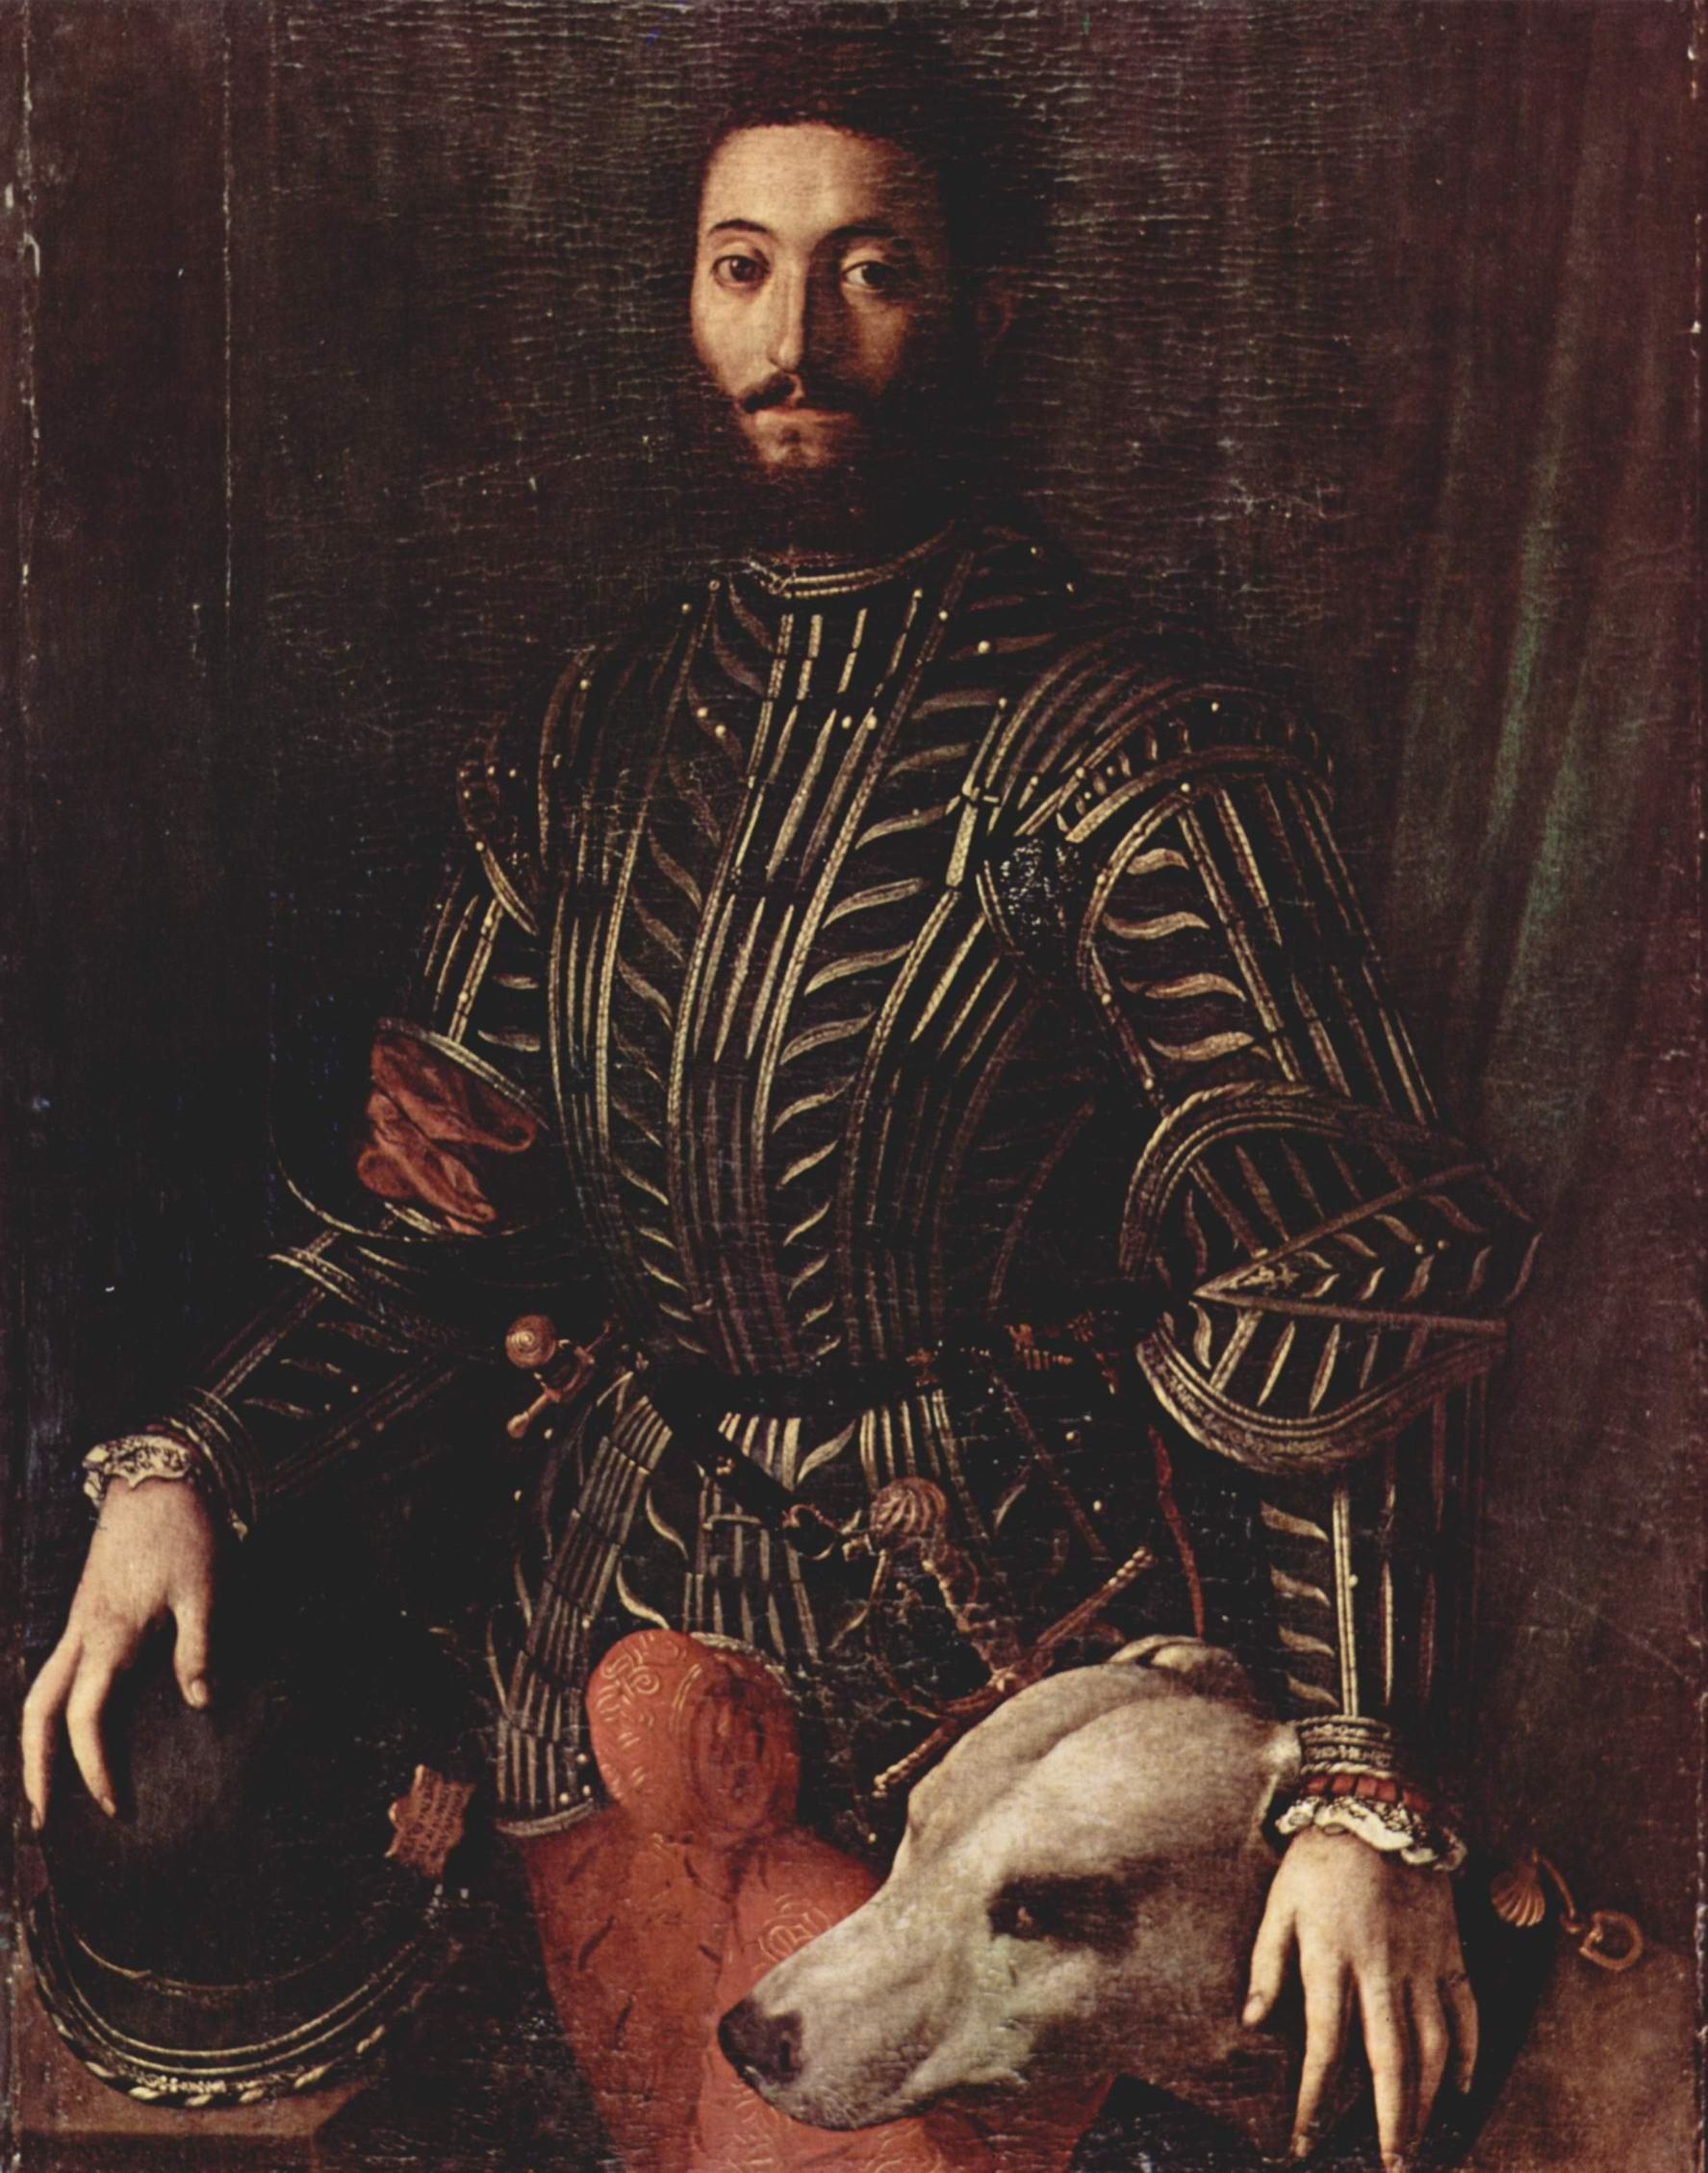 Портрет Гвидобальдо II делла Ровере, герцога Урбинского, Бронзино Аньоло